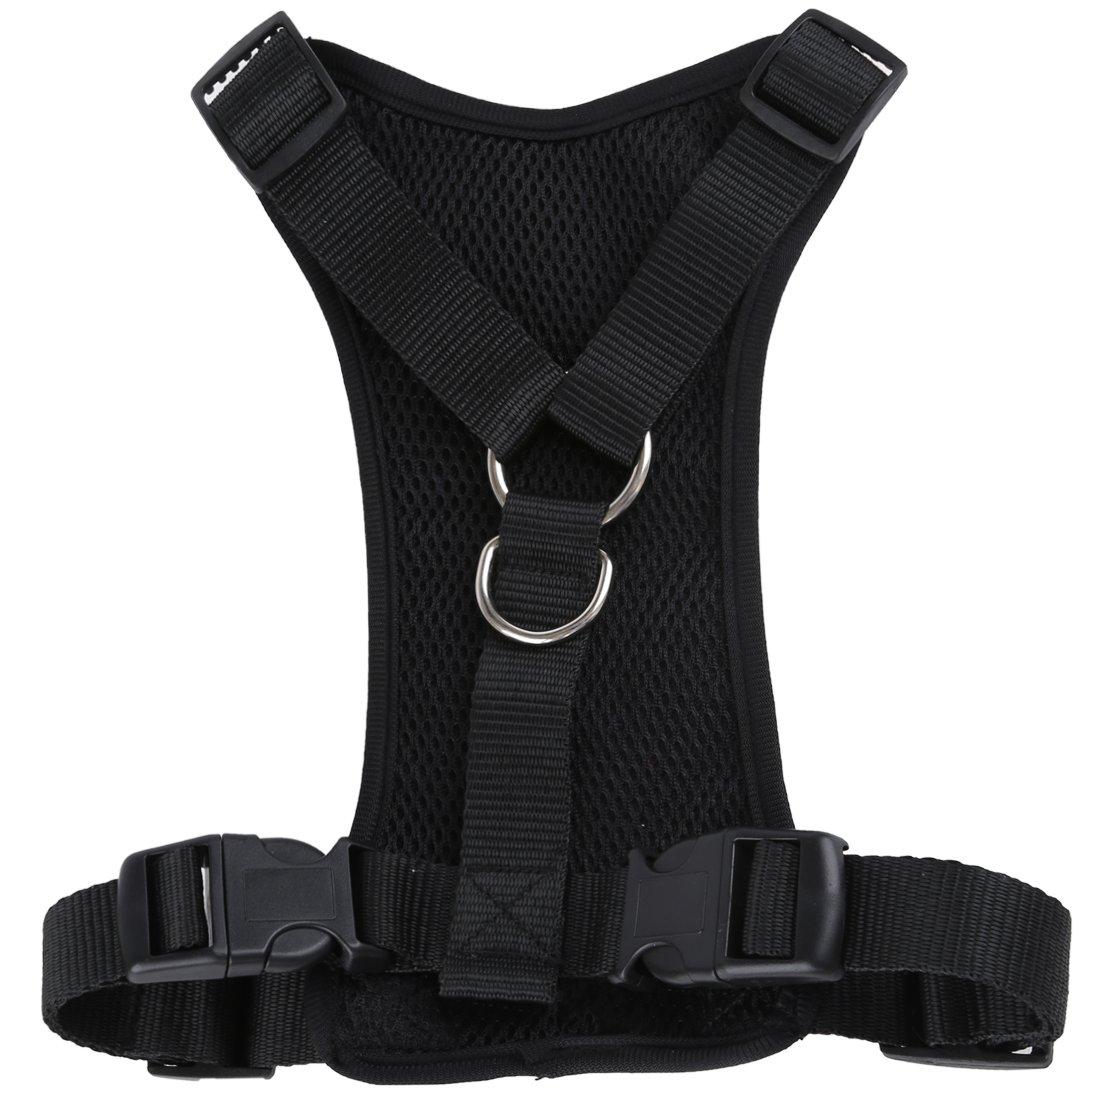 Haustier Auto Sicherheit Brustgurt - SODIAL(R)Haustier Hund Auto Sicherheits Brustgurt + Haustier Hund Autositzgurt - Sichern Ihr Haustier waehrend der Fahrt (Schwarz M)